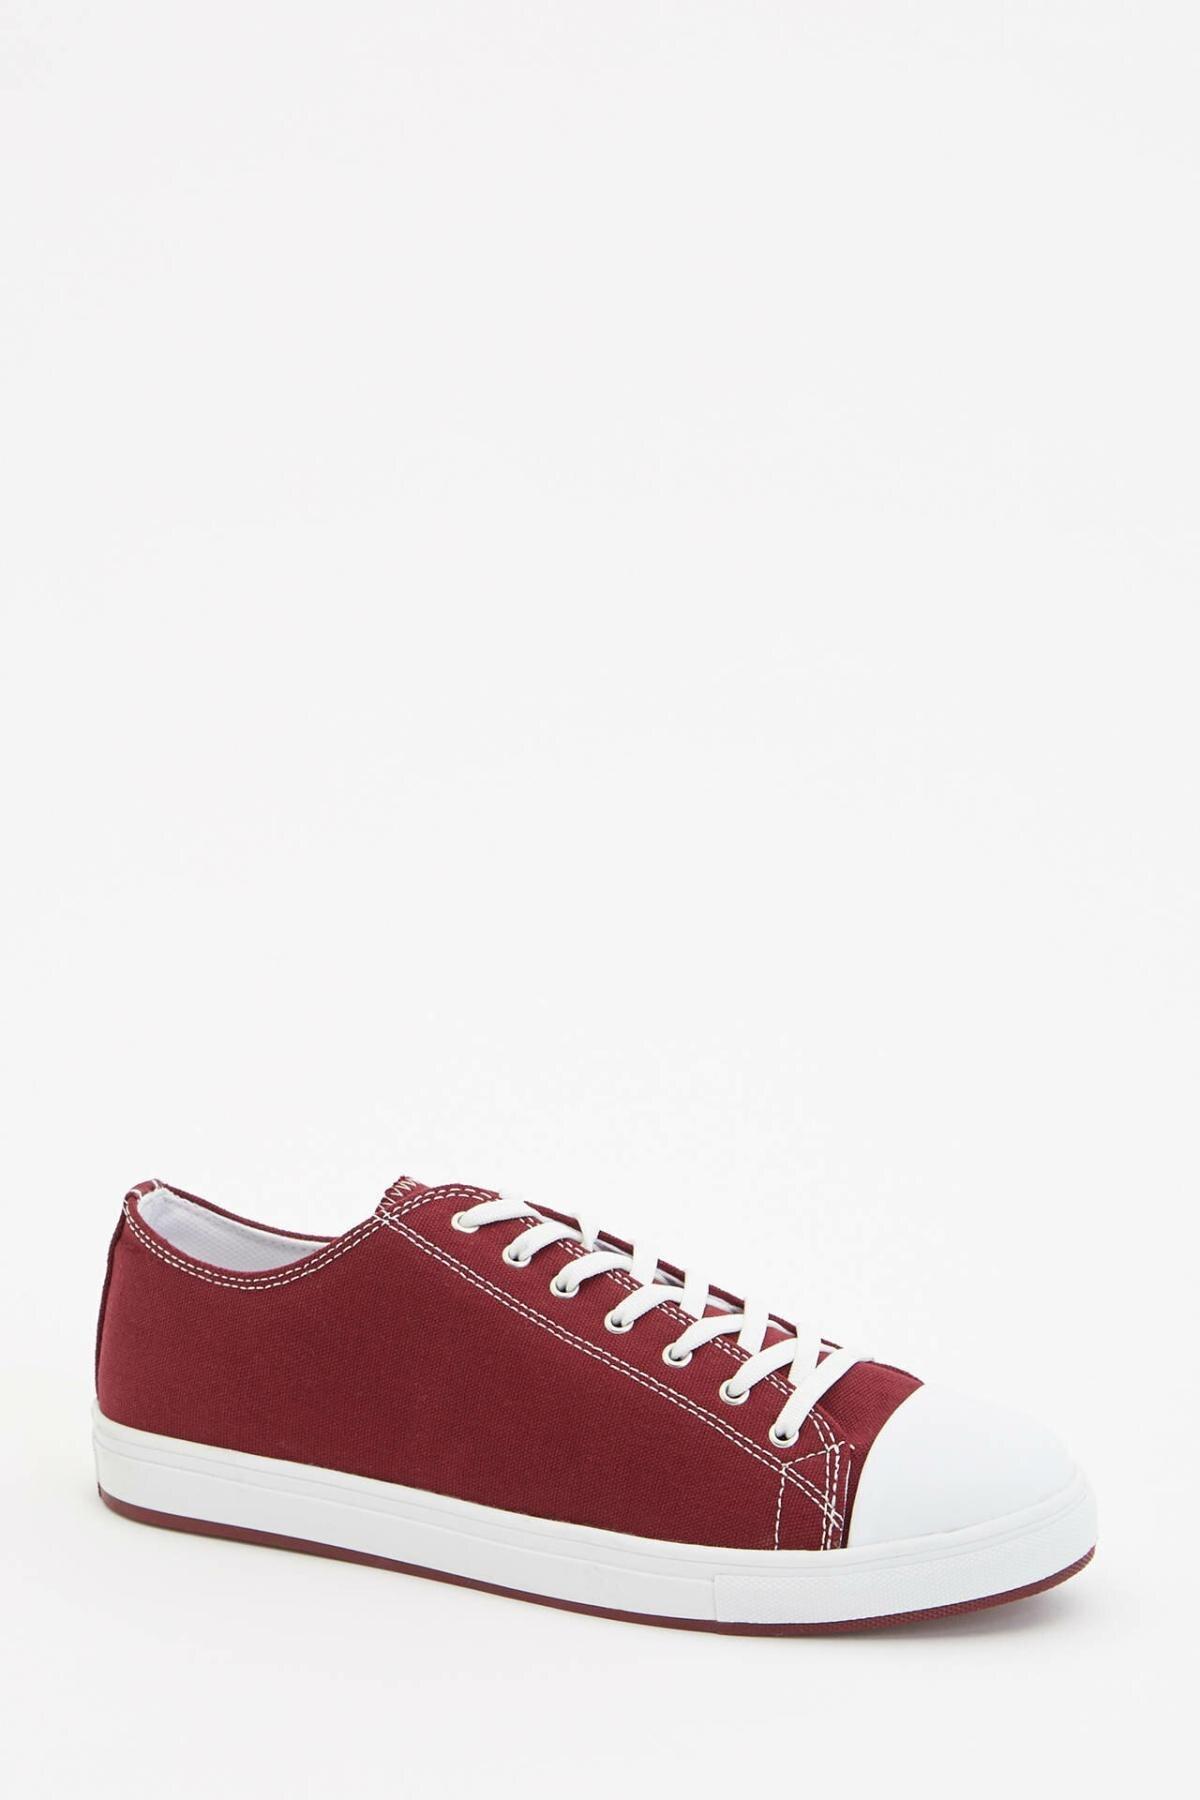 DeFacto Man Fashion Shoes High Quality Male Casual Pure Color Sneaker Men Casual Lace-up Flats Sport Shoes - L8490AZ19SP